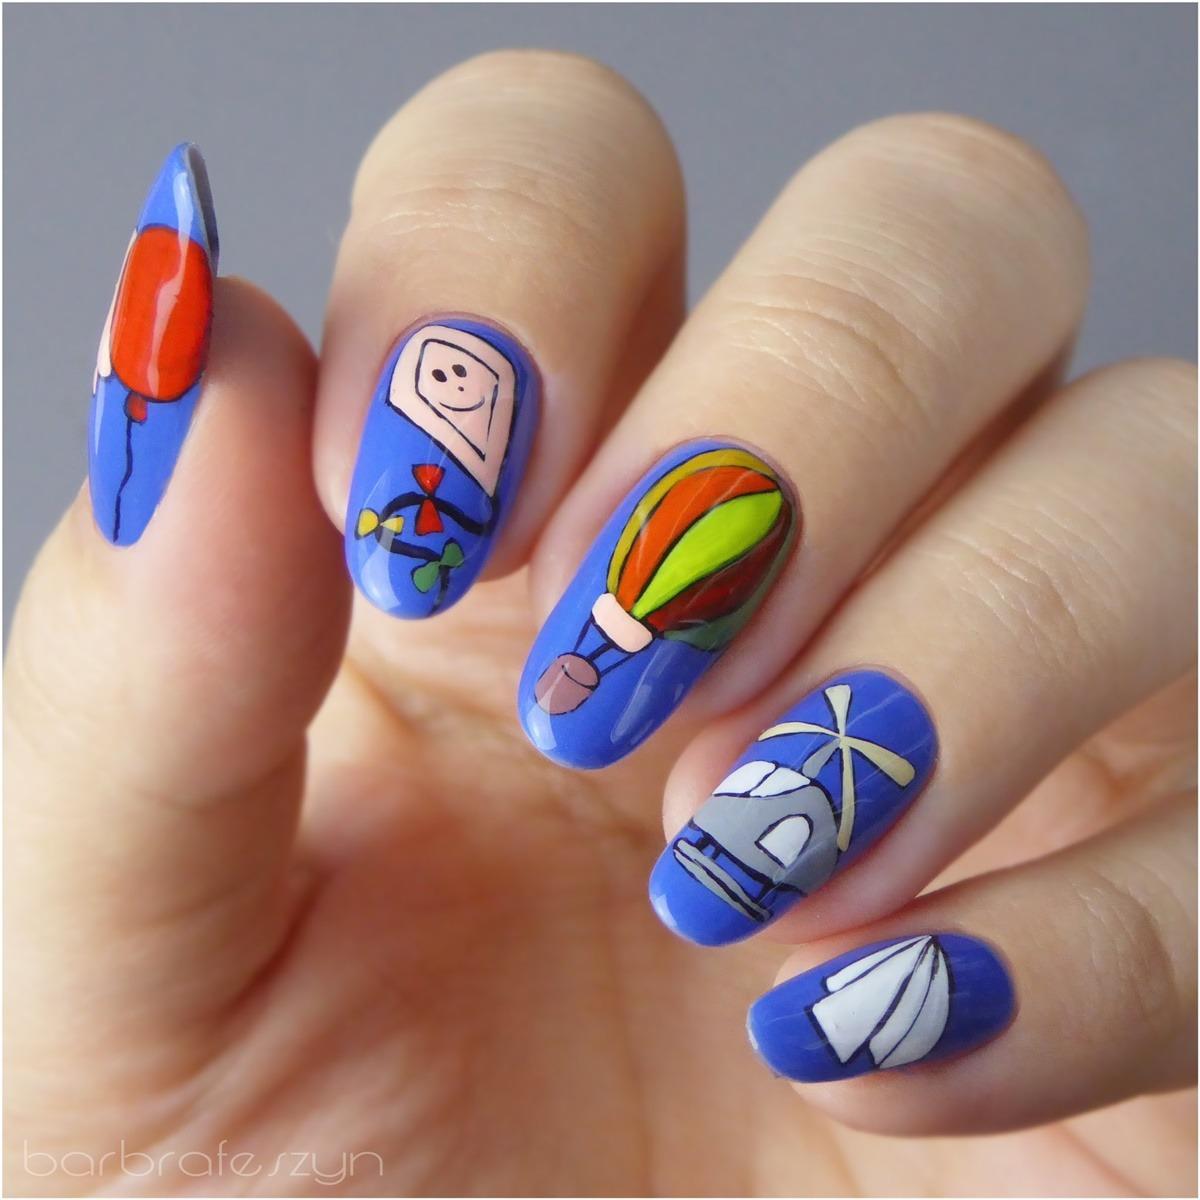 barbrafeszyn zdobienie paznokci icon nails wzory ręcznie malowane